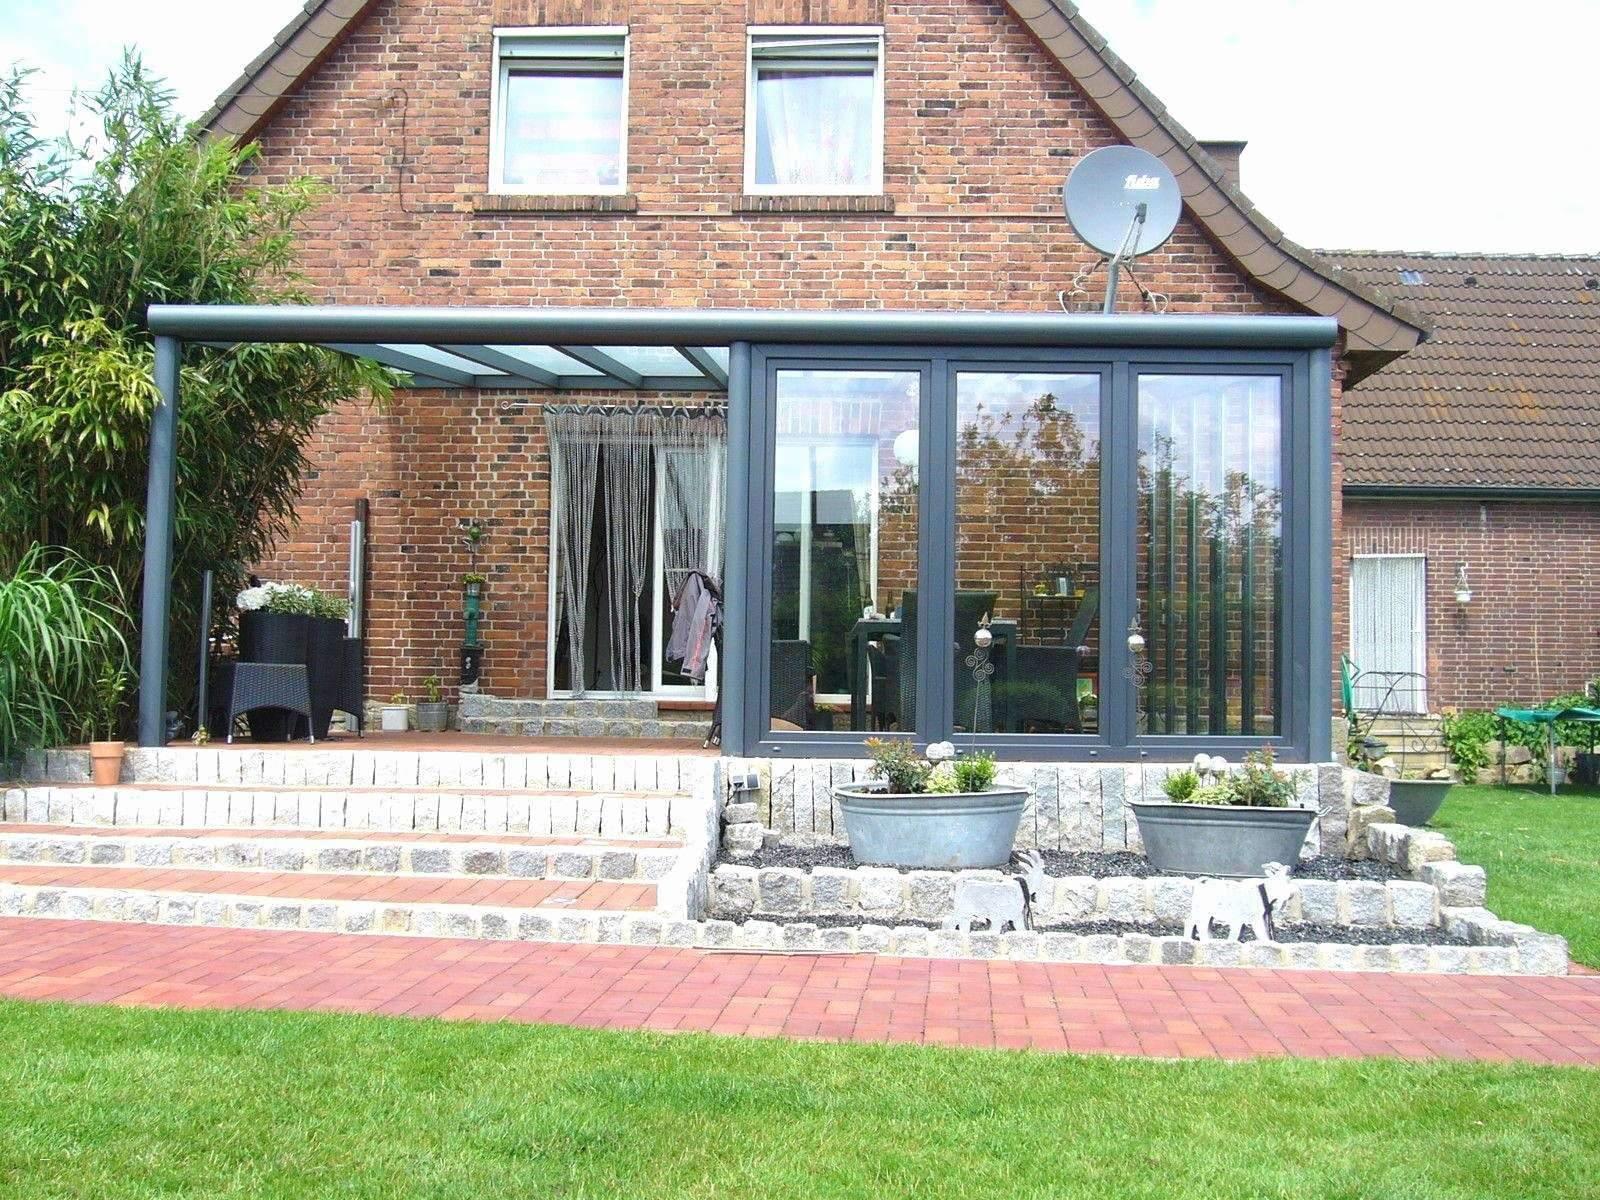 garten terrassen ideen genial 46 inspirierend terrassen beispiele garten of garten terrassen ideen 1